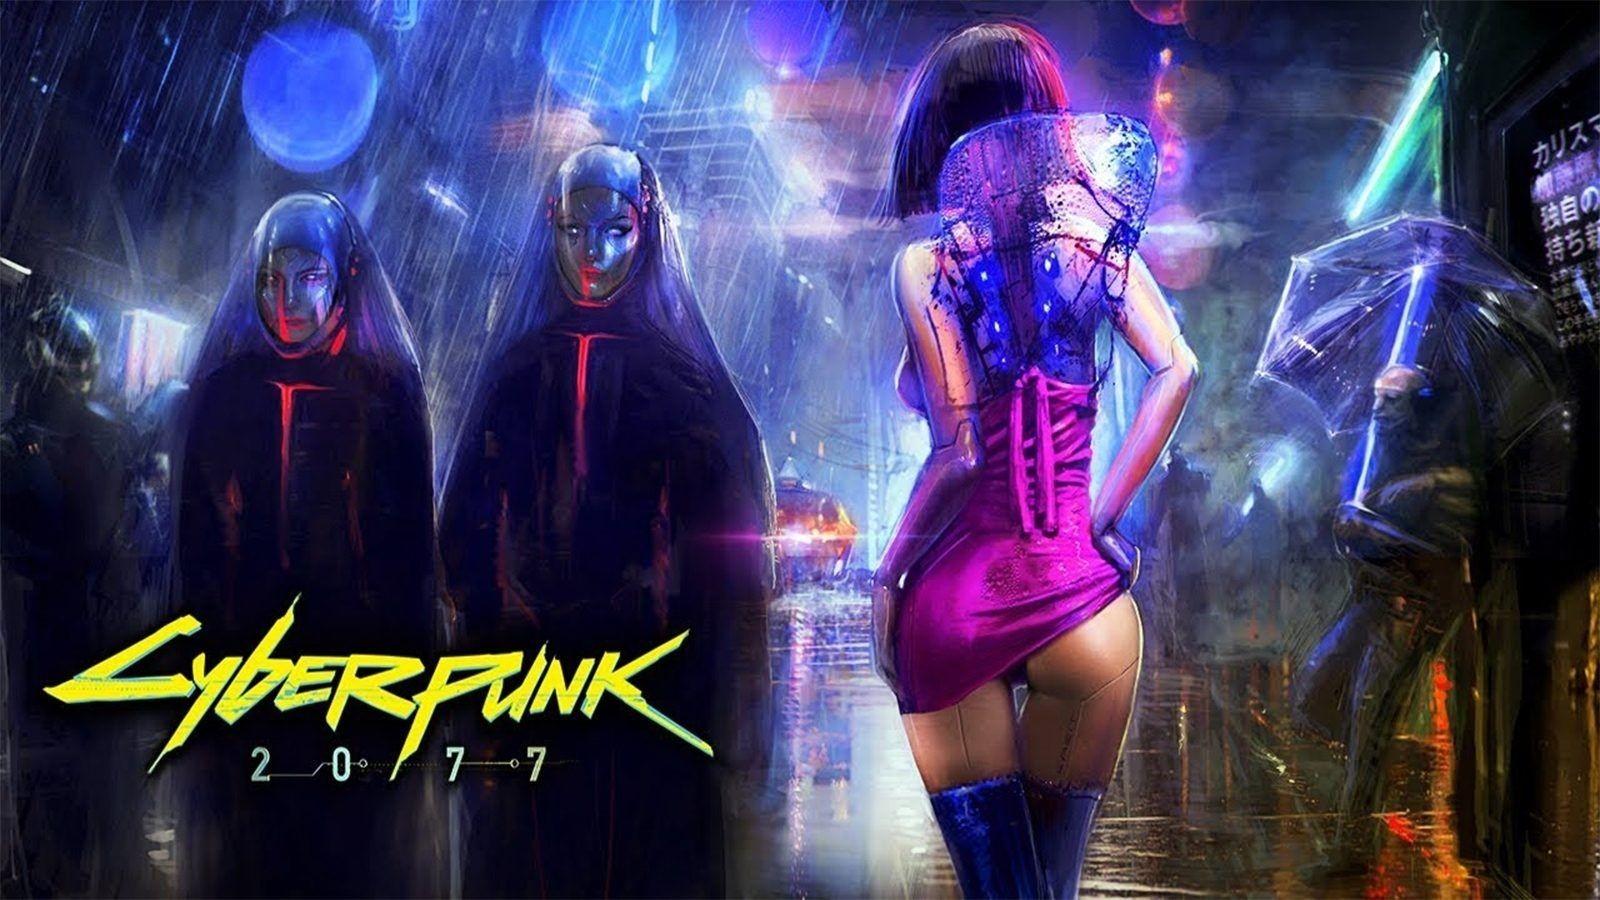 [Перевод] Успех Cyberpunk 2077 поднимет CDPR на Олимп игровой индустрии